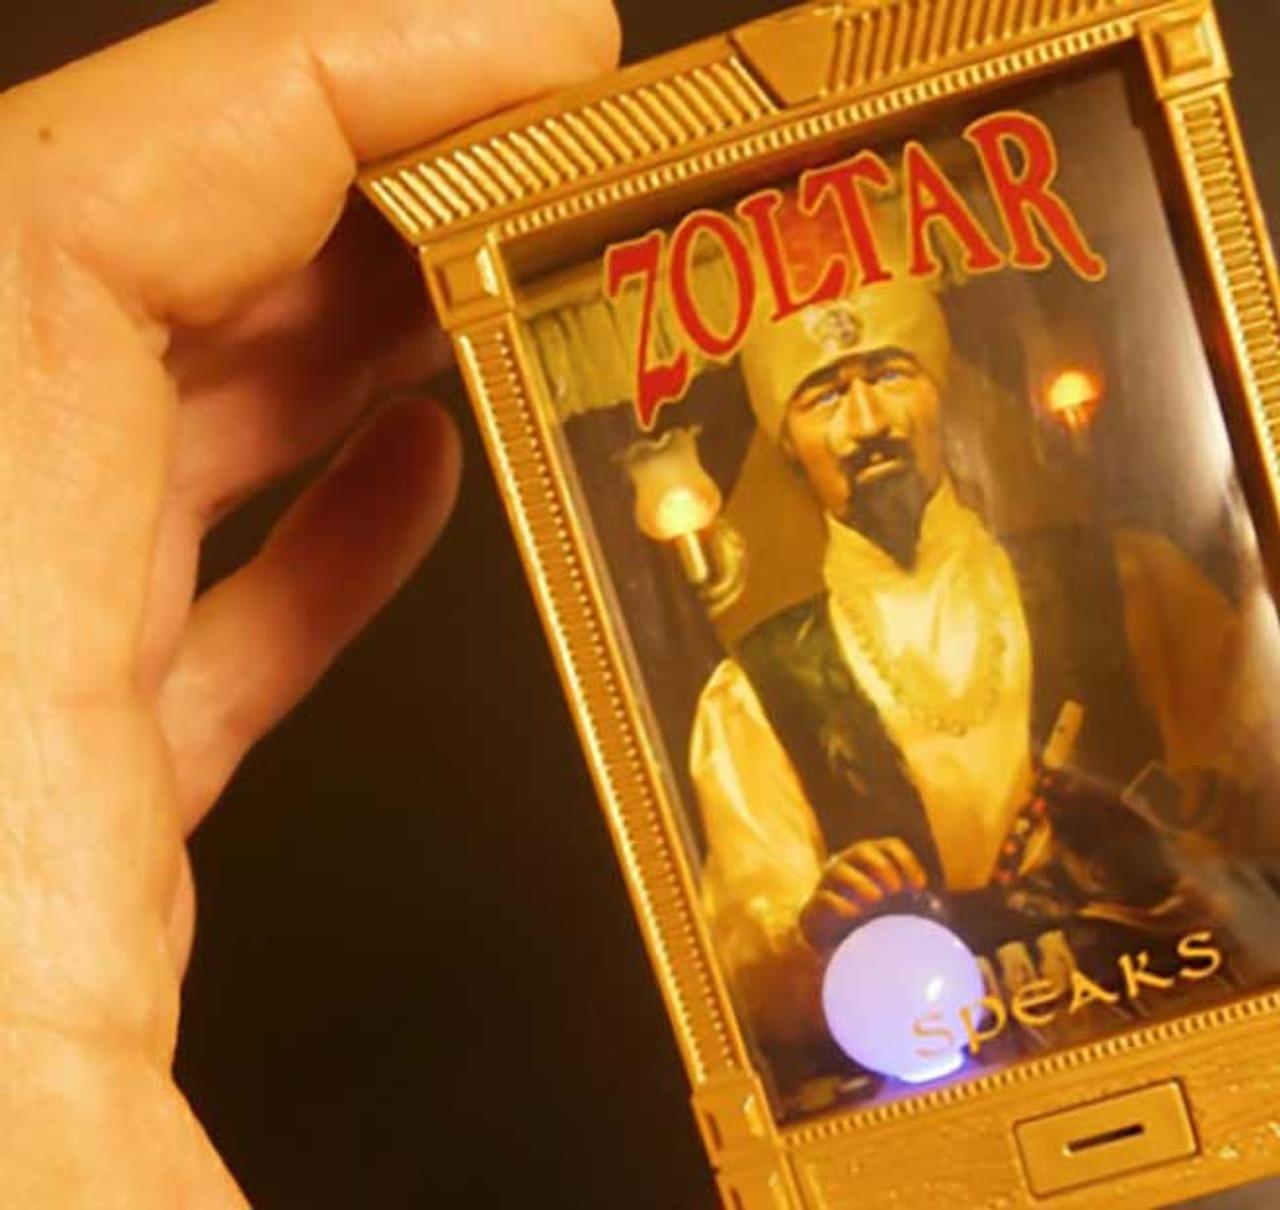 Zoltar Mini Fortune Teller